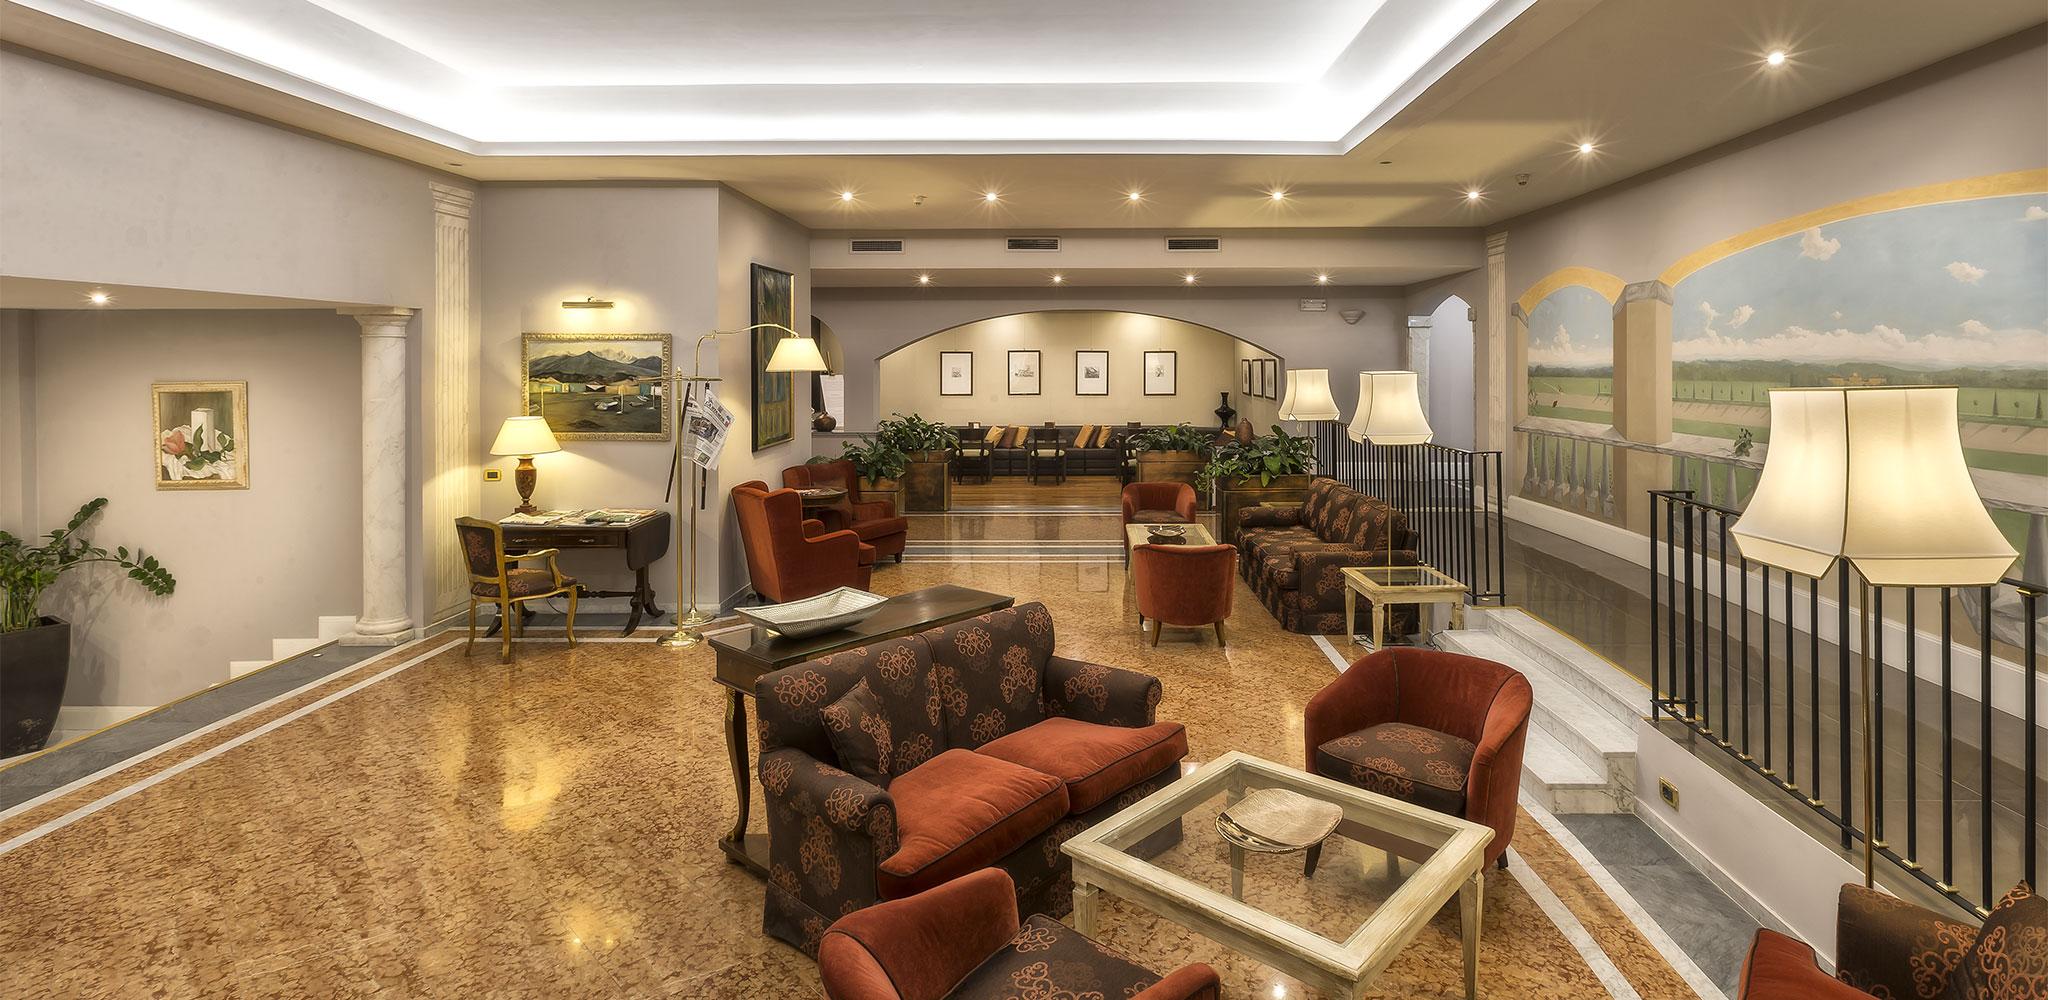 Palace Hotel Maria Luigia Parma